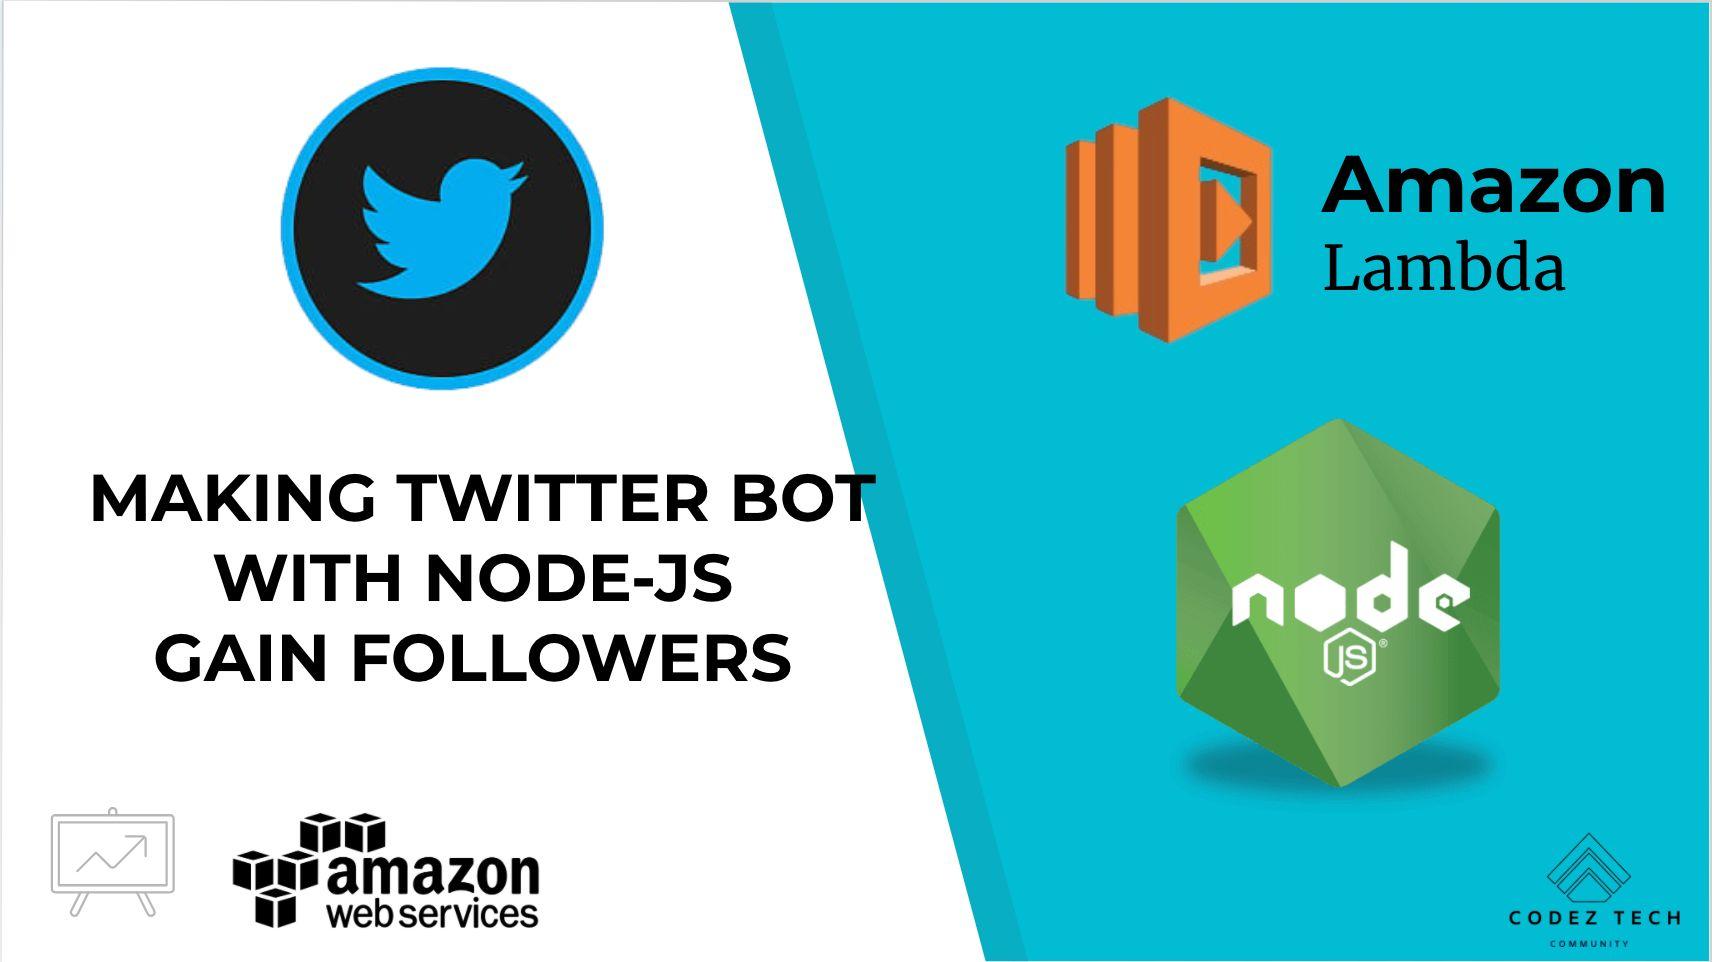 Making Twitter Bot